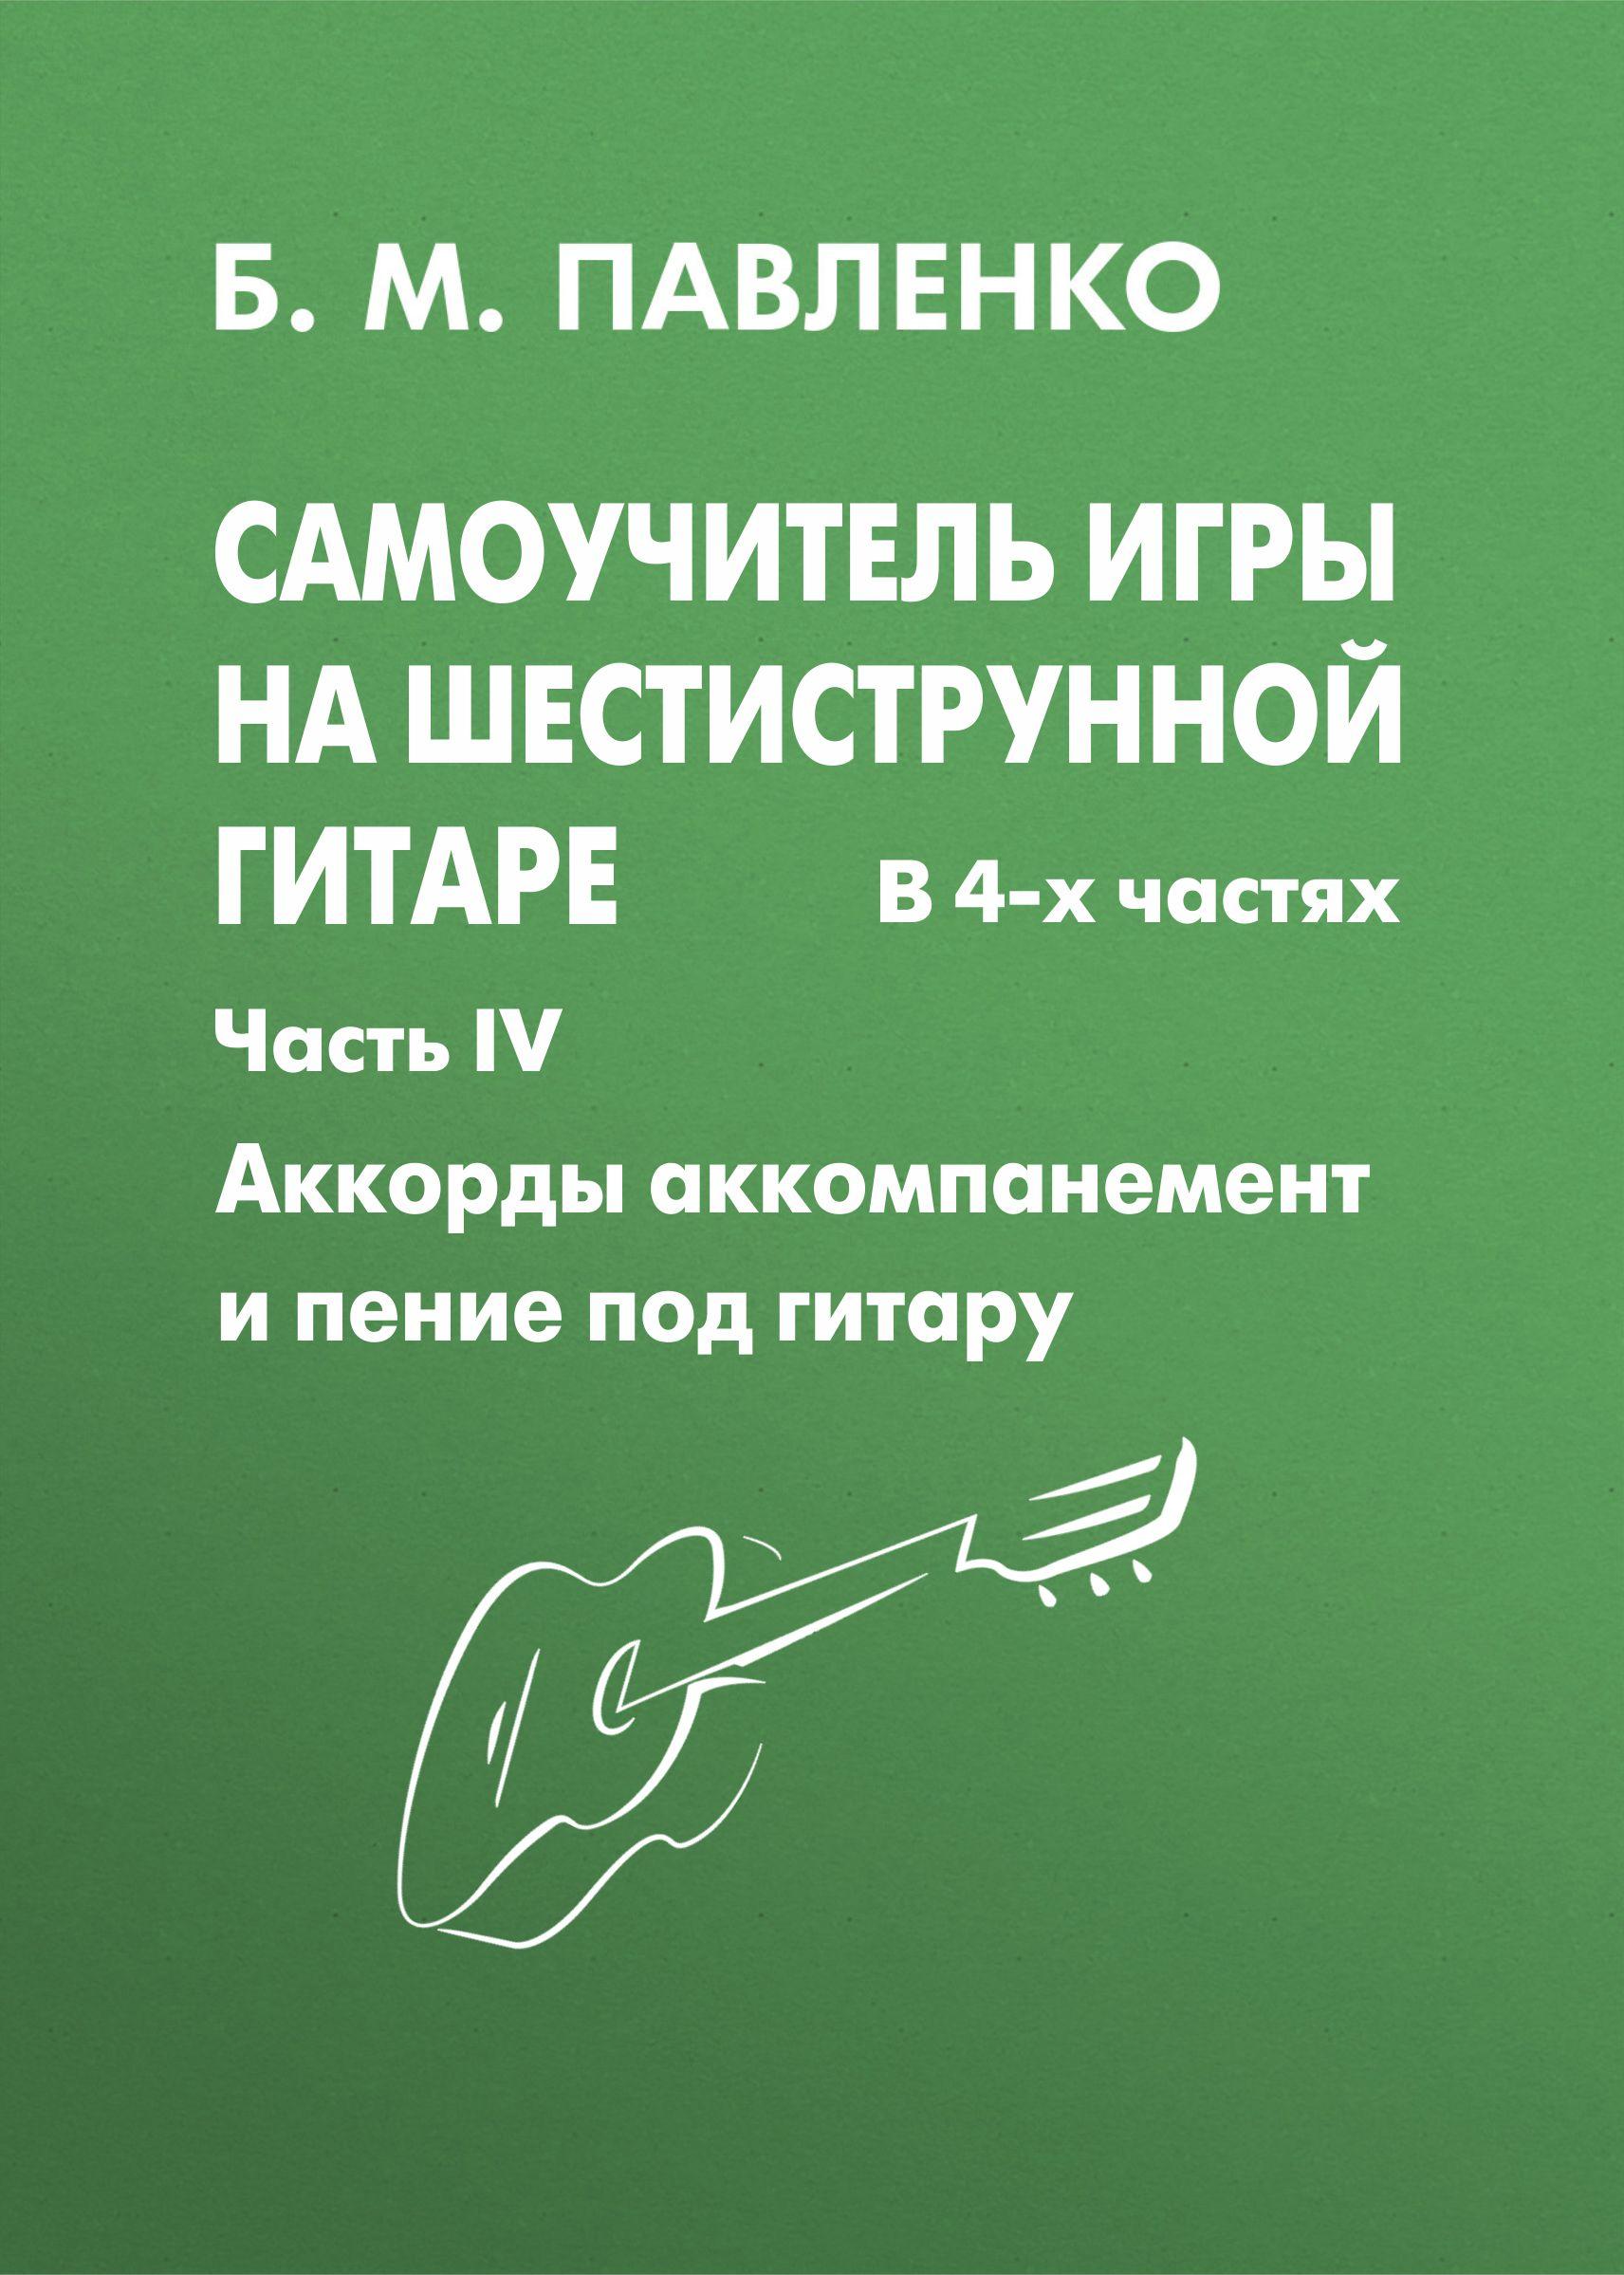 Б. М. Павленко Самоучитель игры на шестиструнной гитаре. Аккорды, аккомпанемент и пение под гитару. IV часть павленко борис михайлович самоучитель игры на шестиструнной гитаре